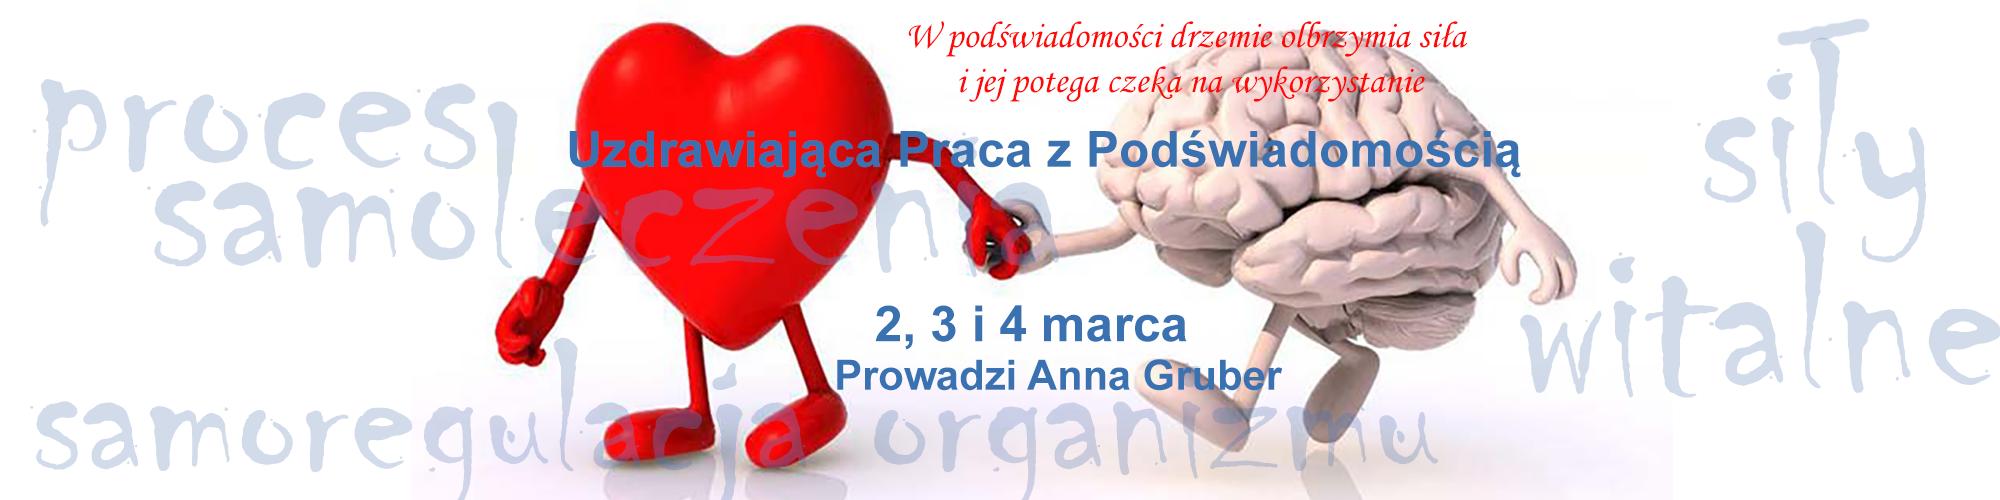 podswiadomosc-banner